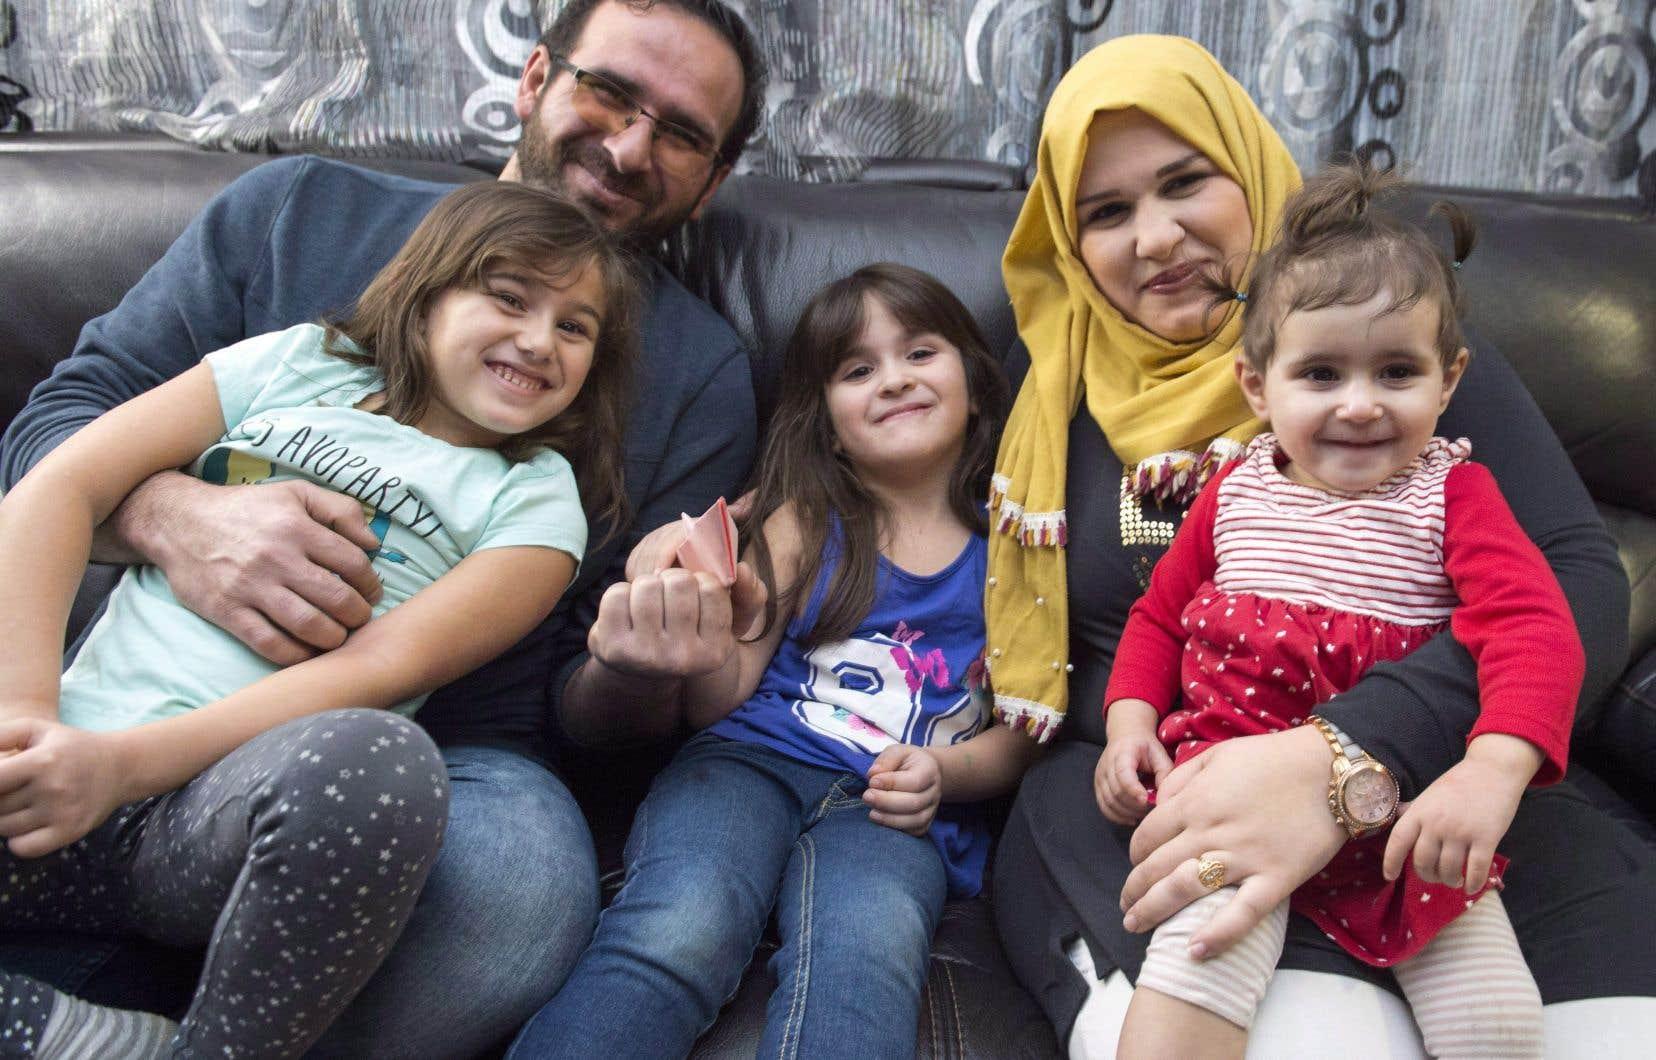 Une famille de réfugiés syriens habitant désormais en Ontario